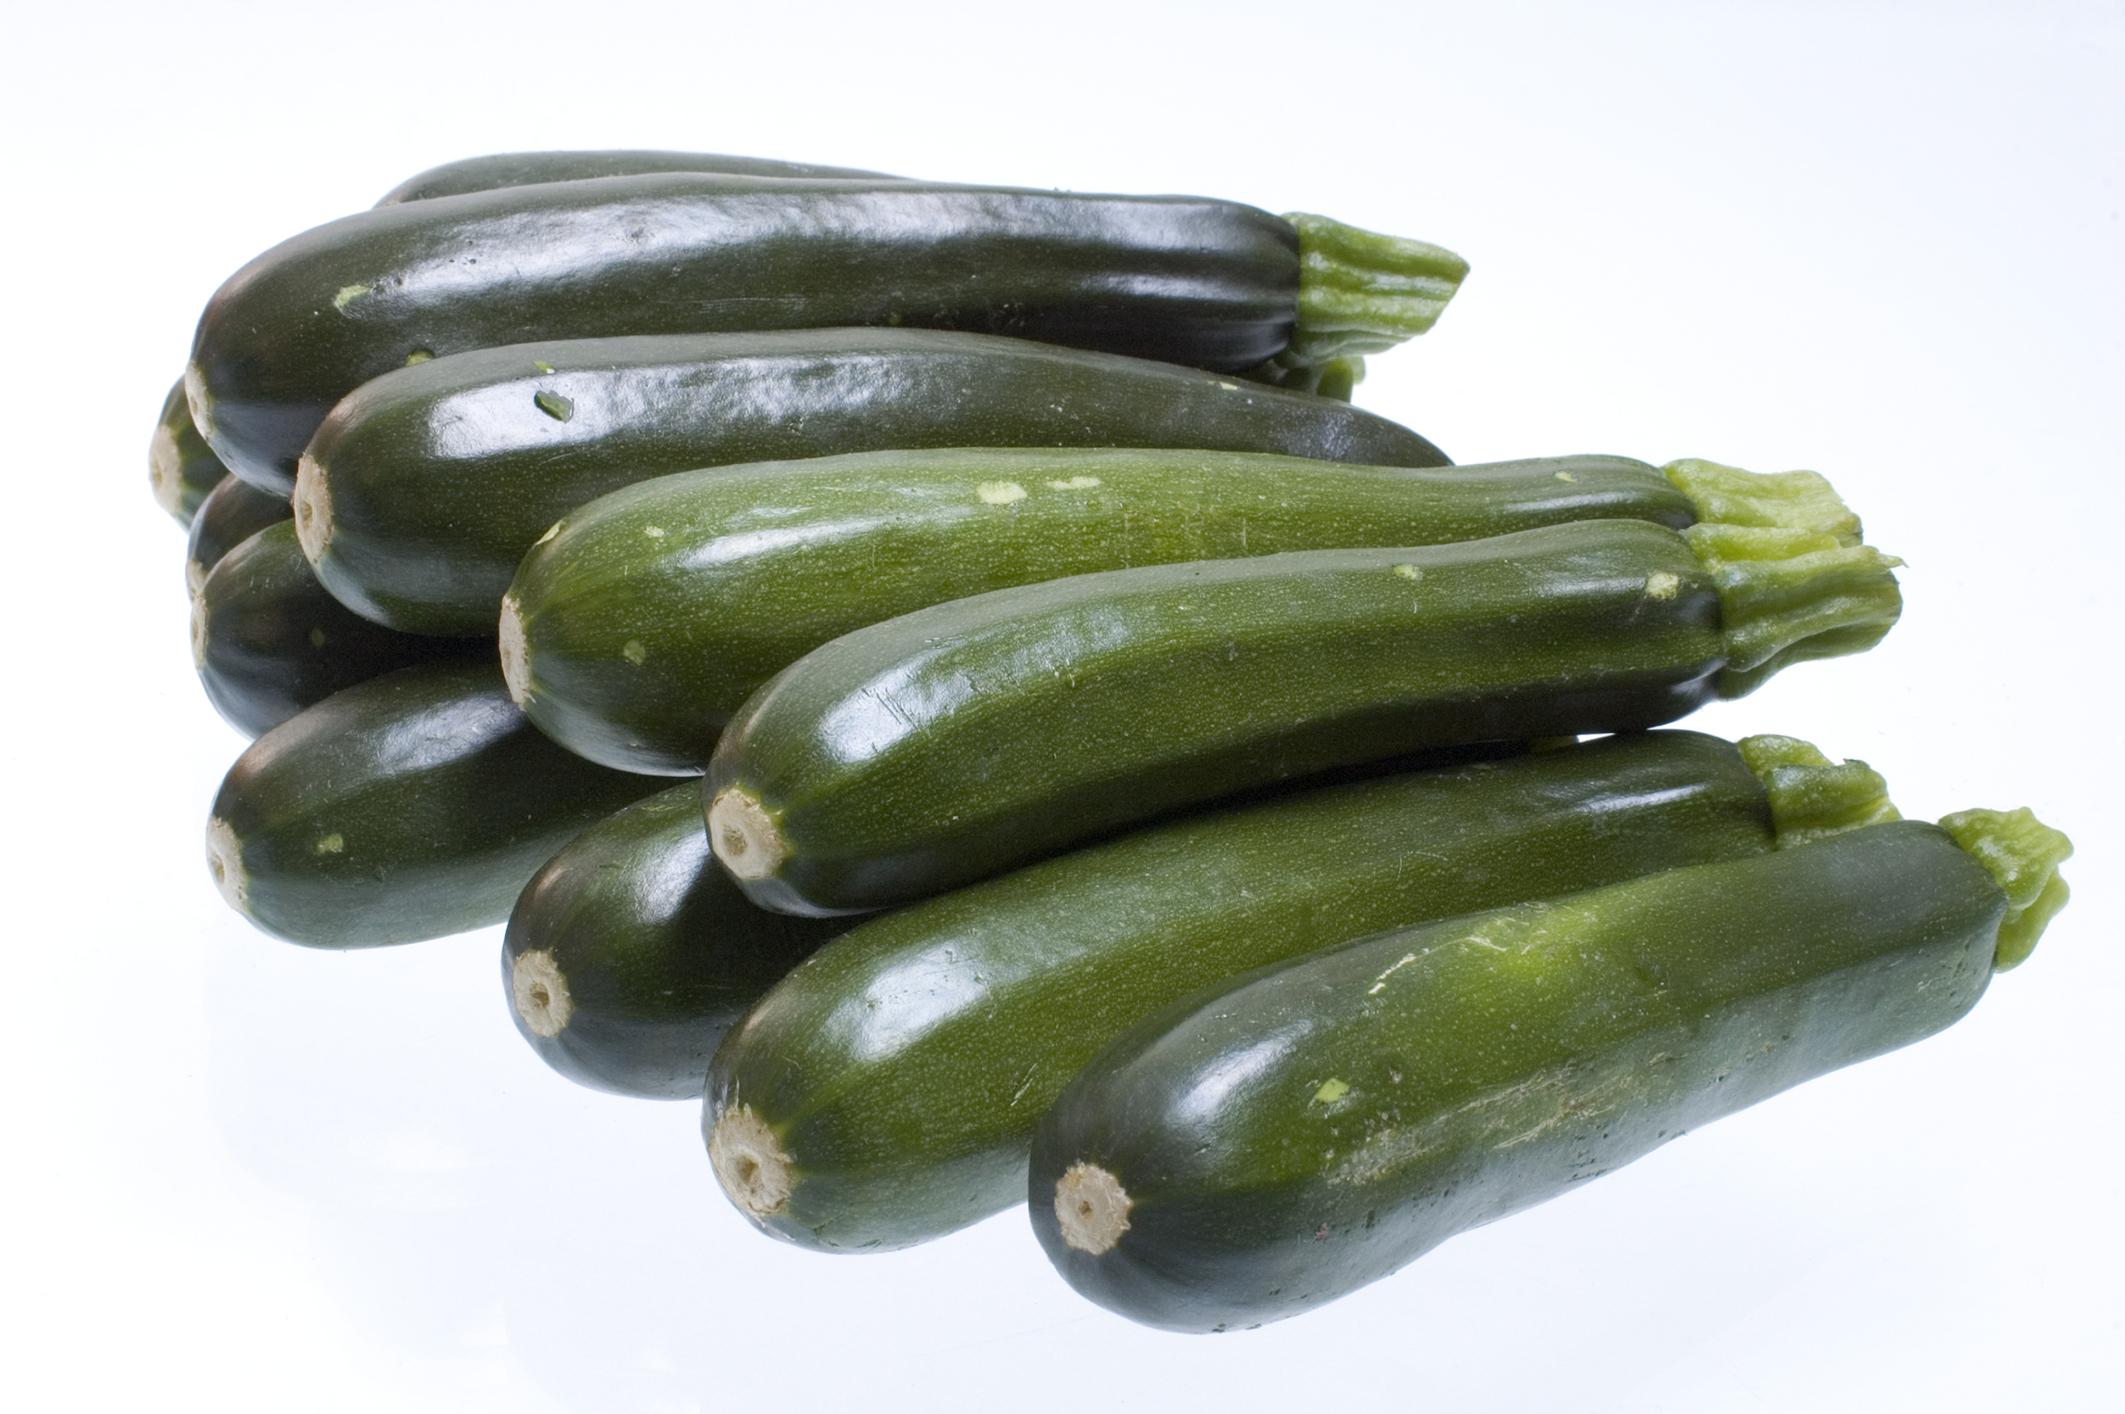 Zucchini Take Over